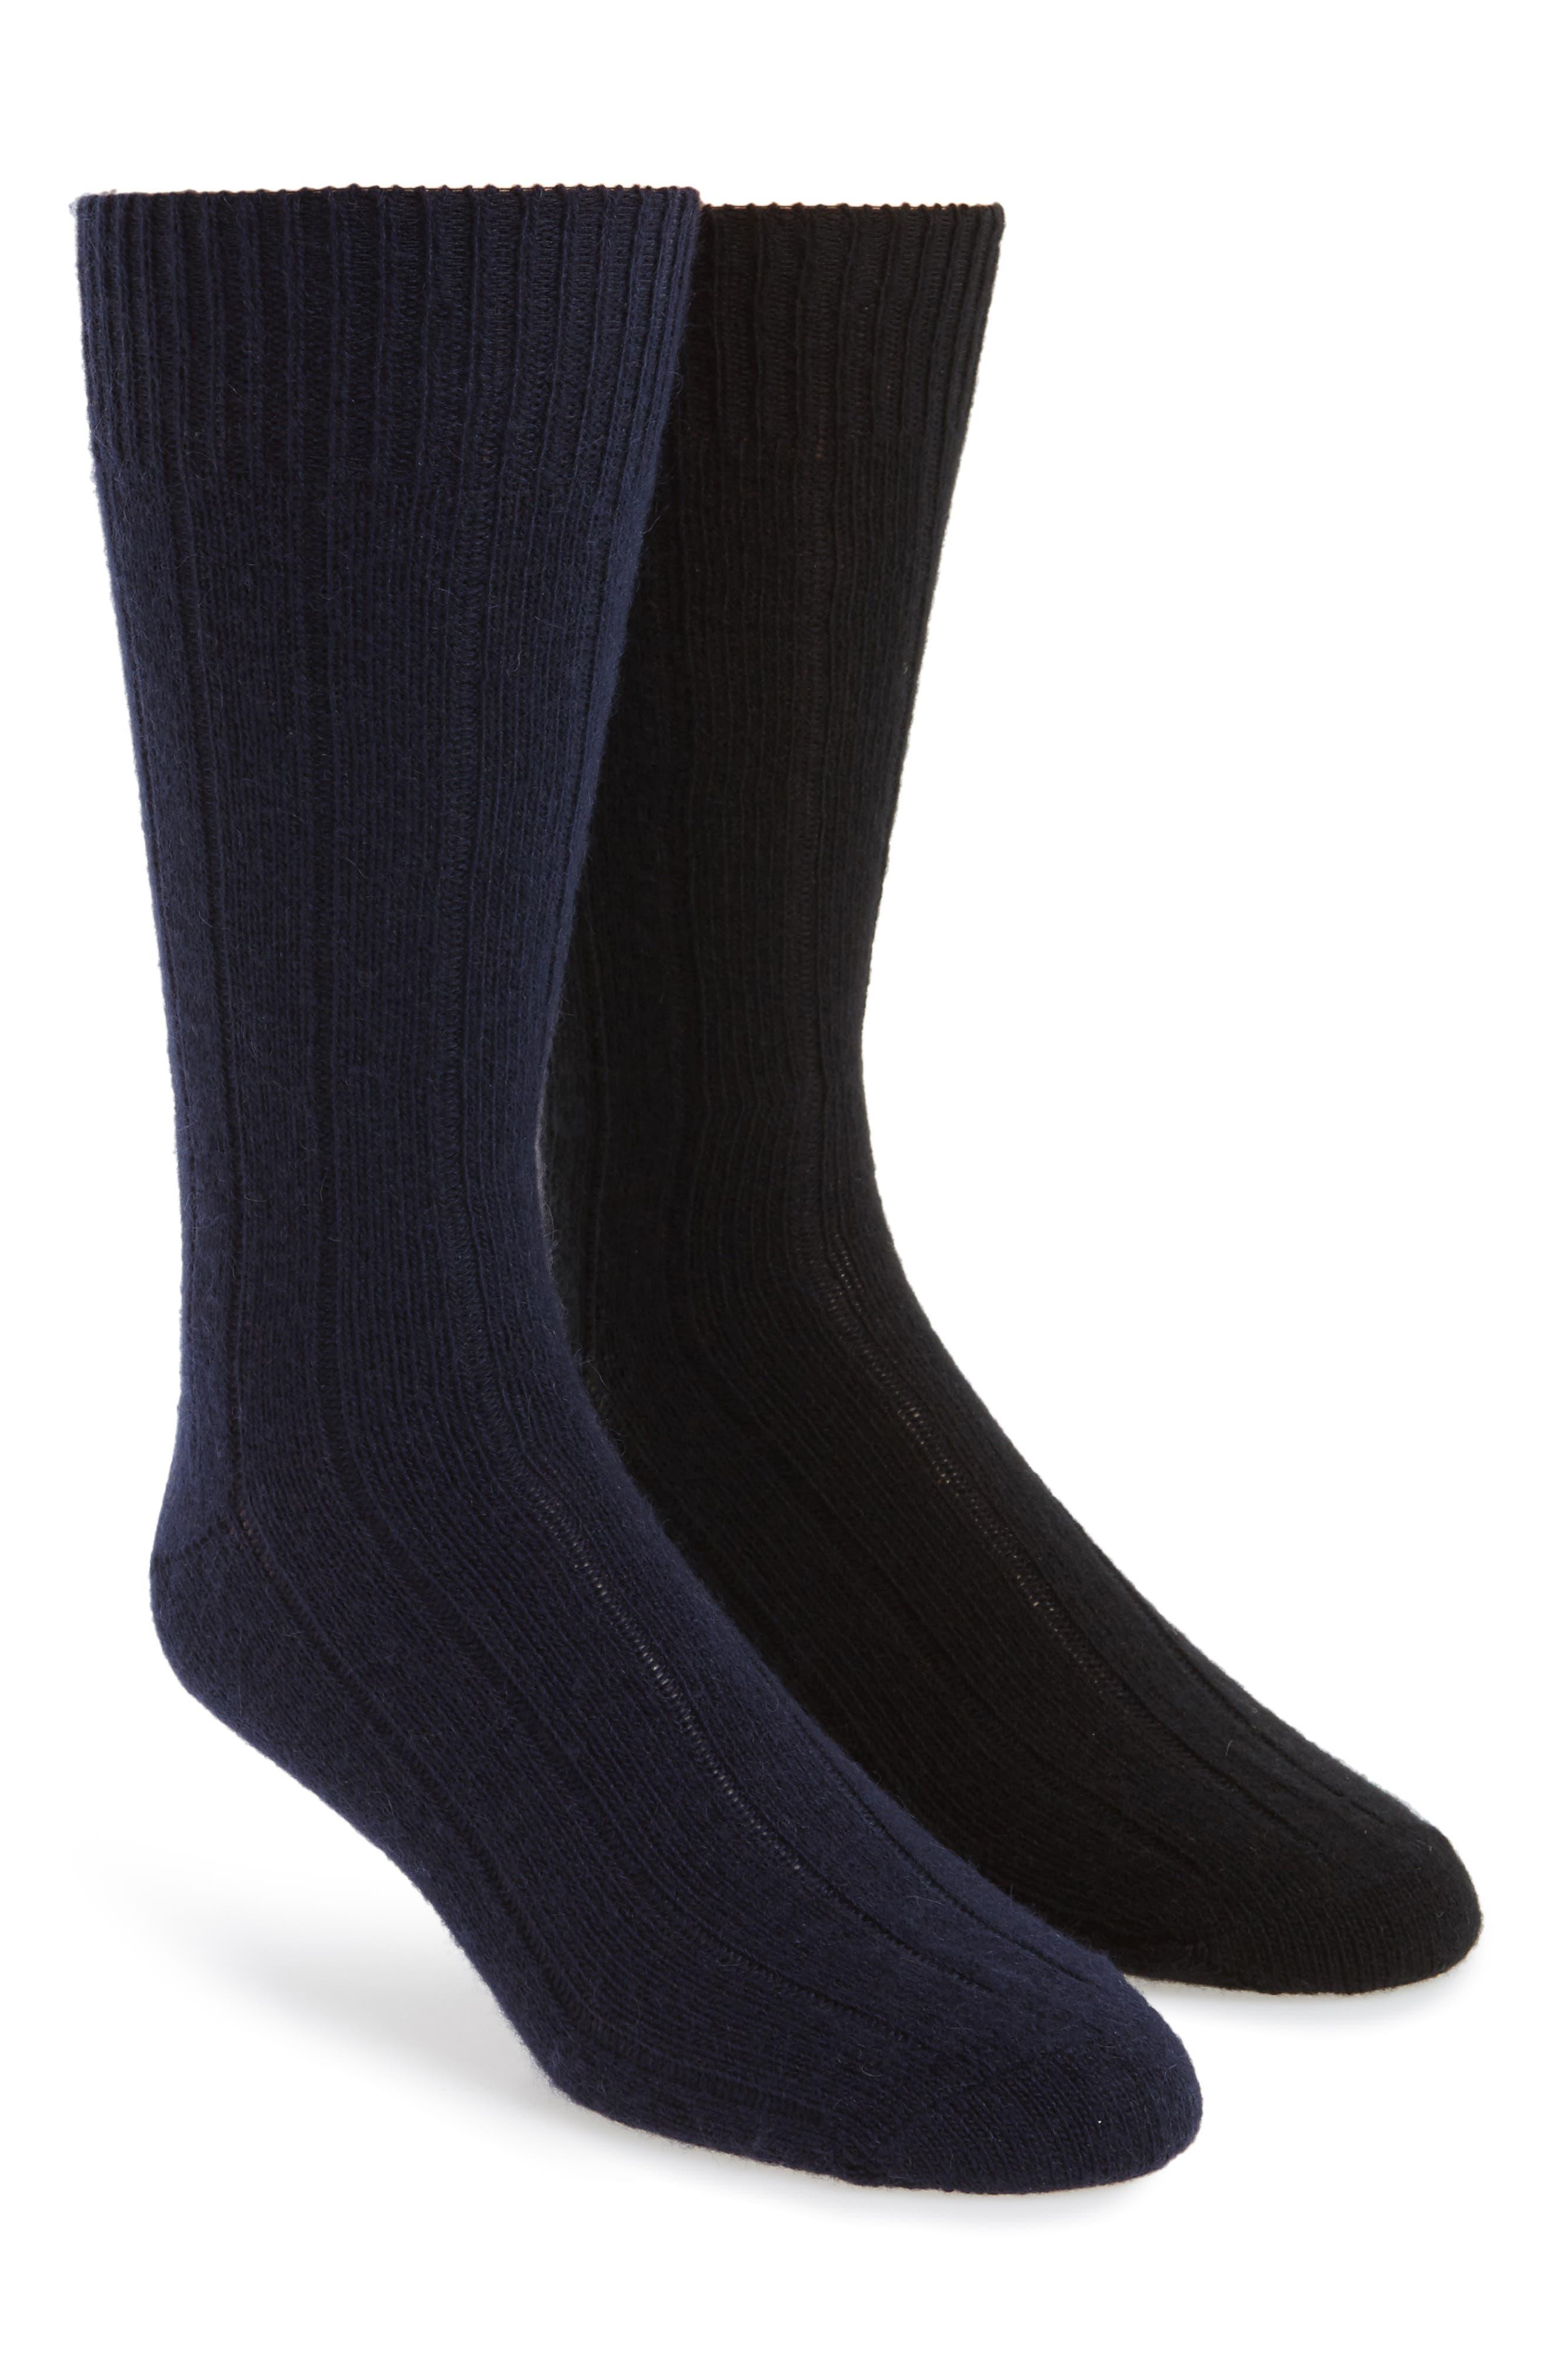 2-Pack Cashmere Blend Socks Box Set,                         Main,                         color, 001